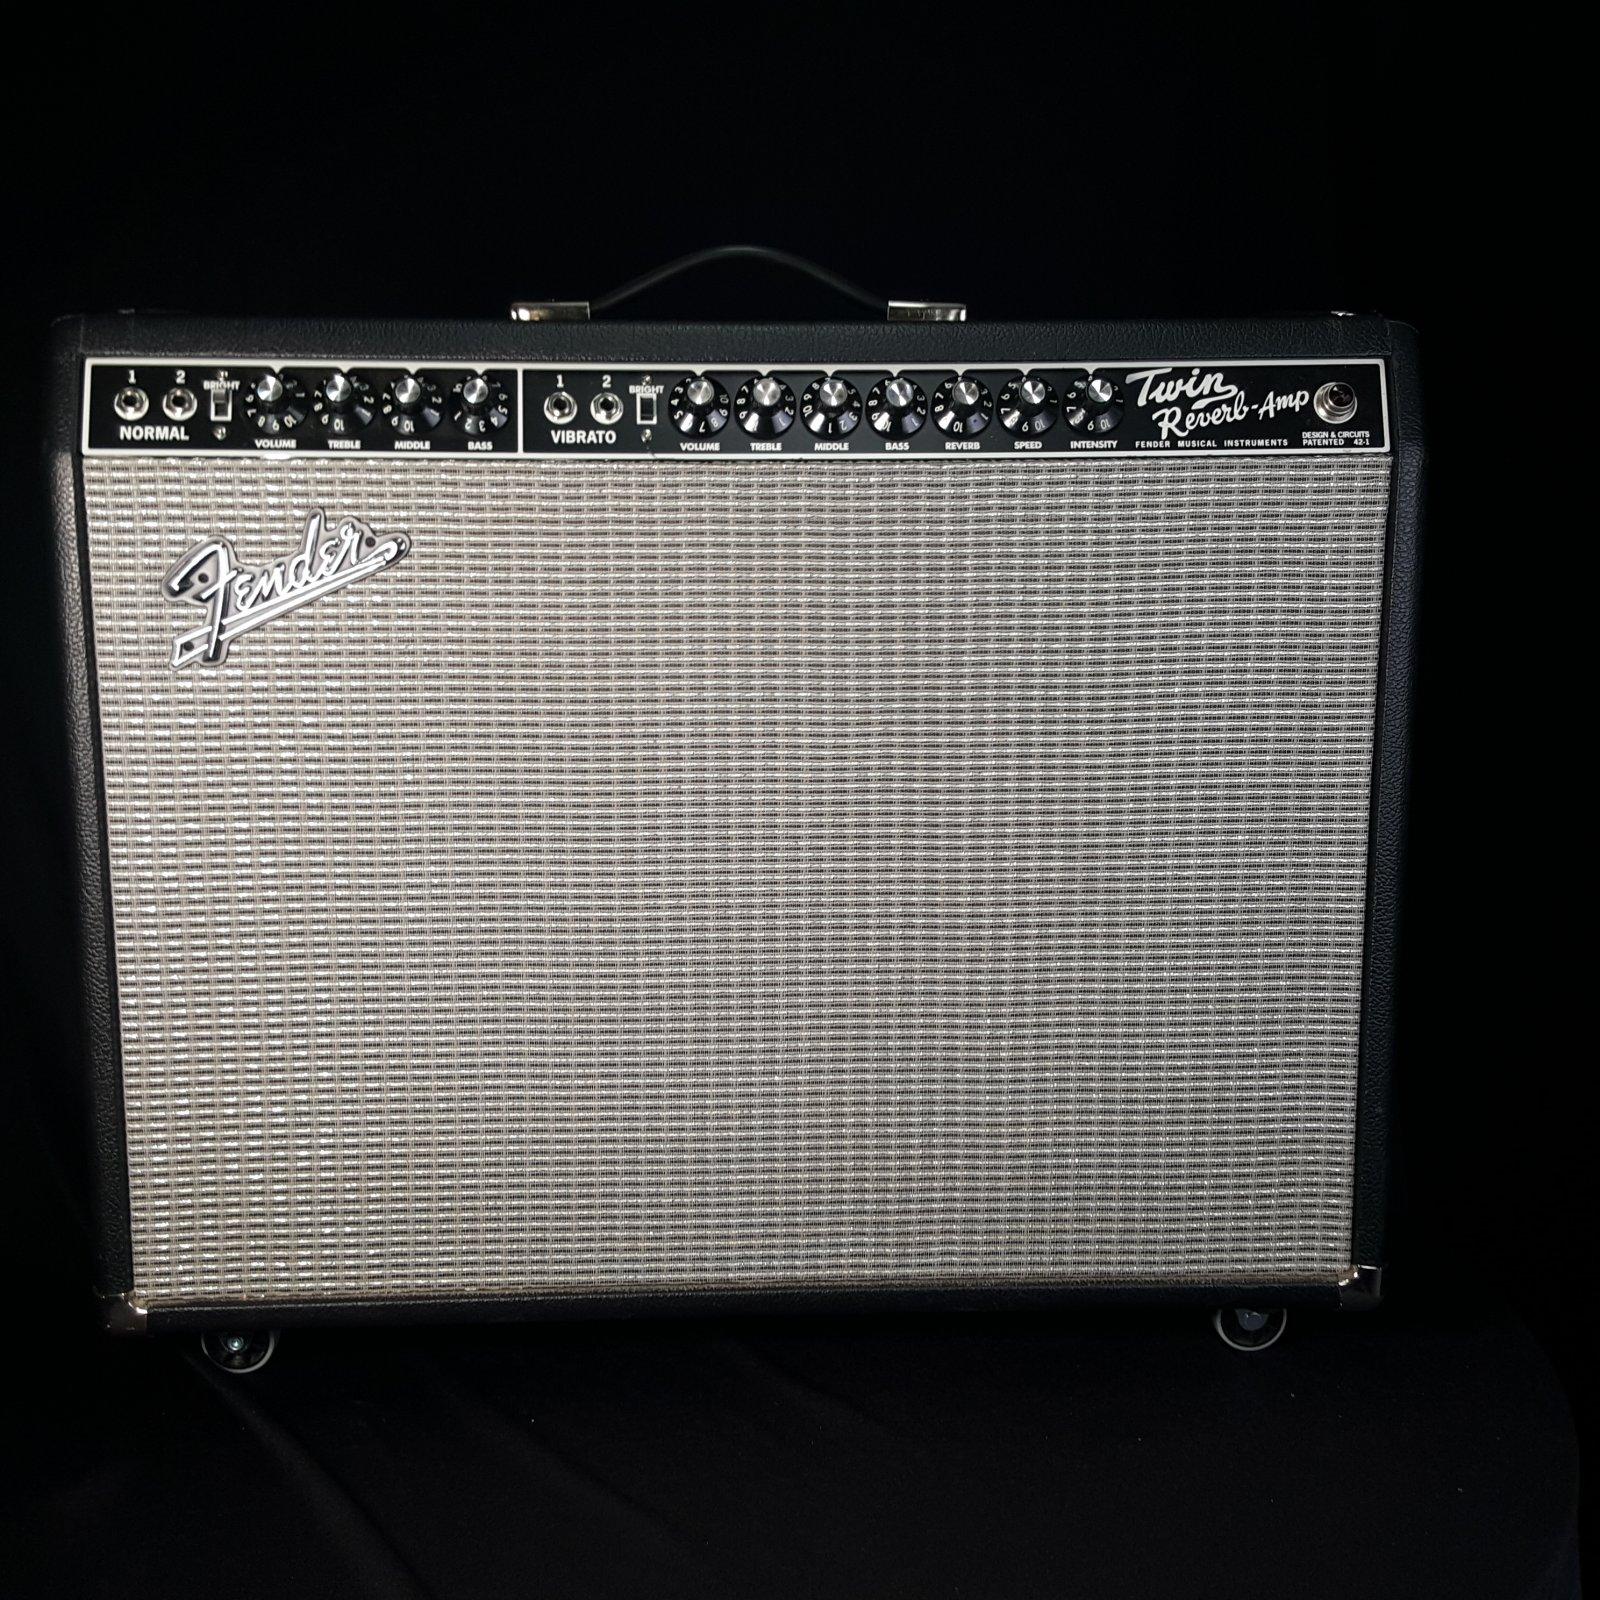 USED Fender '65 Reissue Twin Reverb Amplifier Black Face w/wheels 2x12